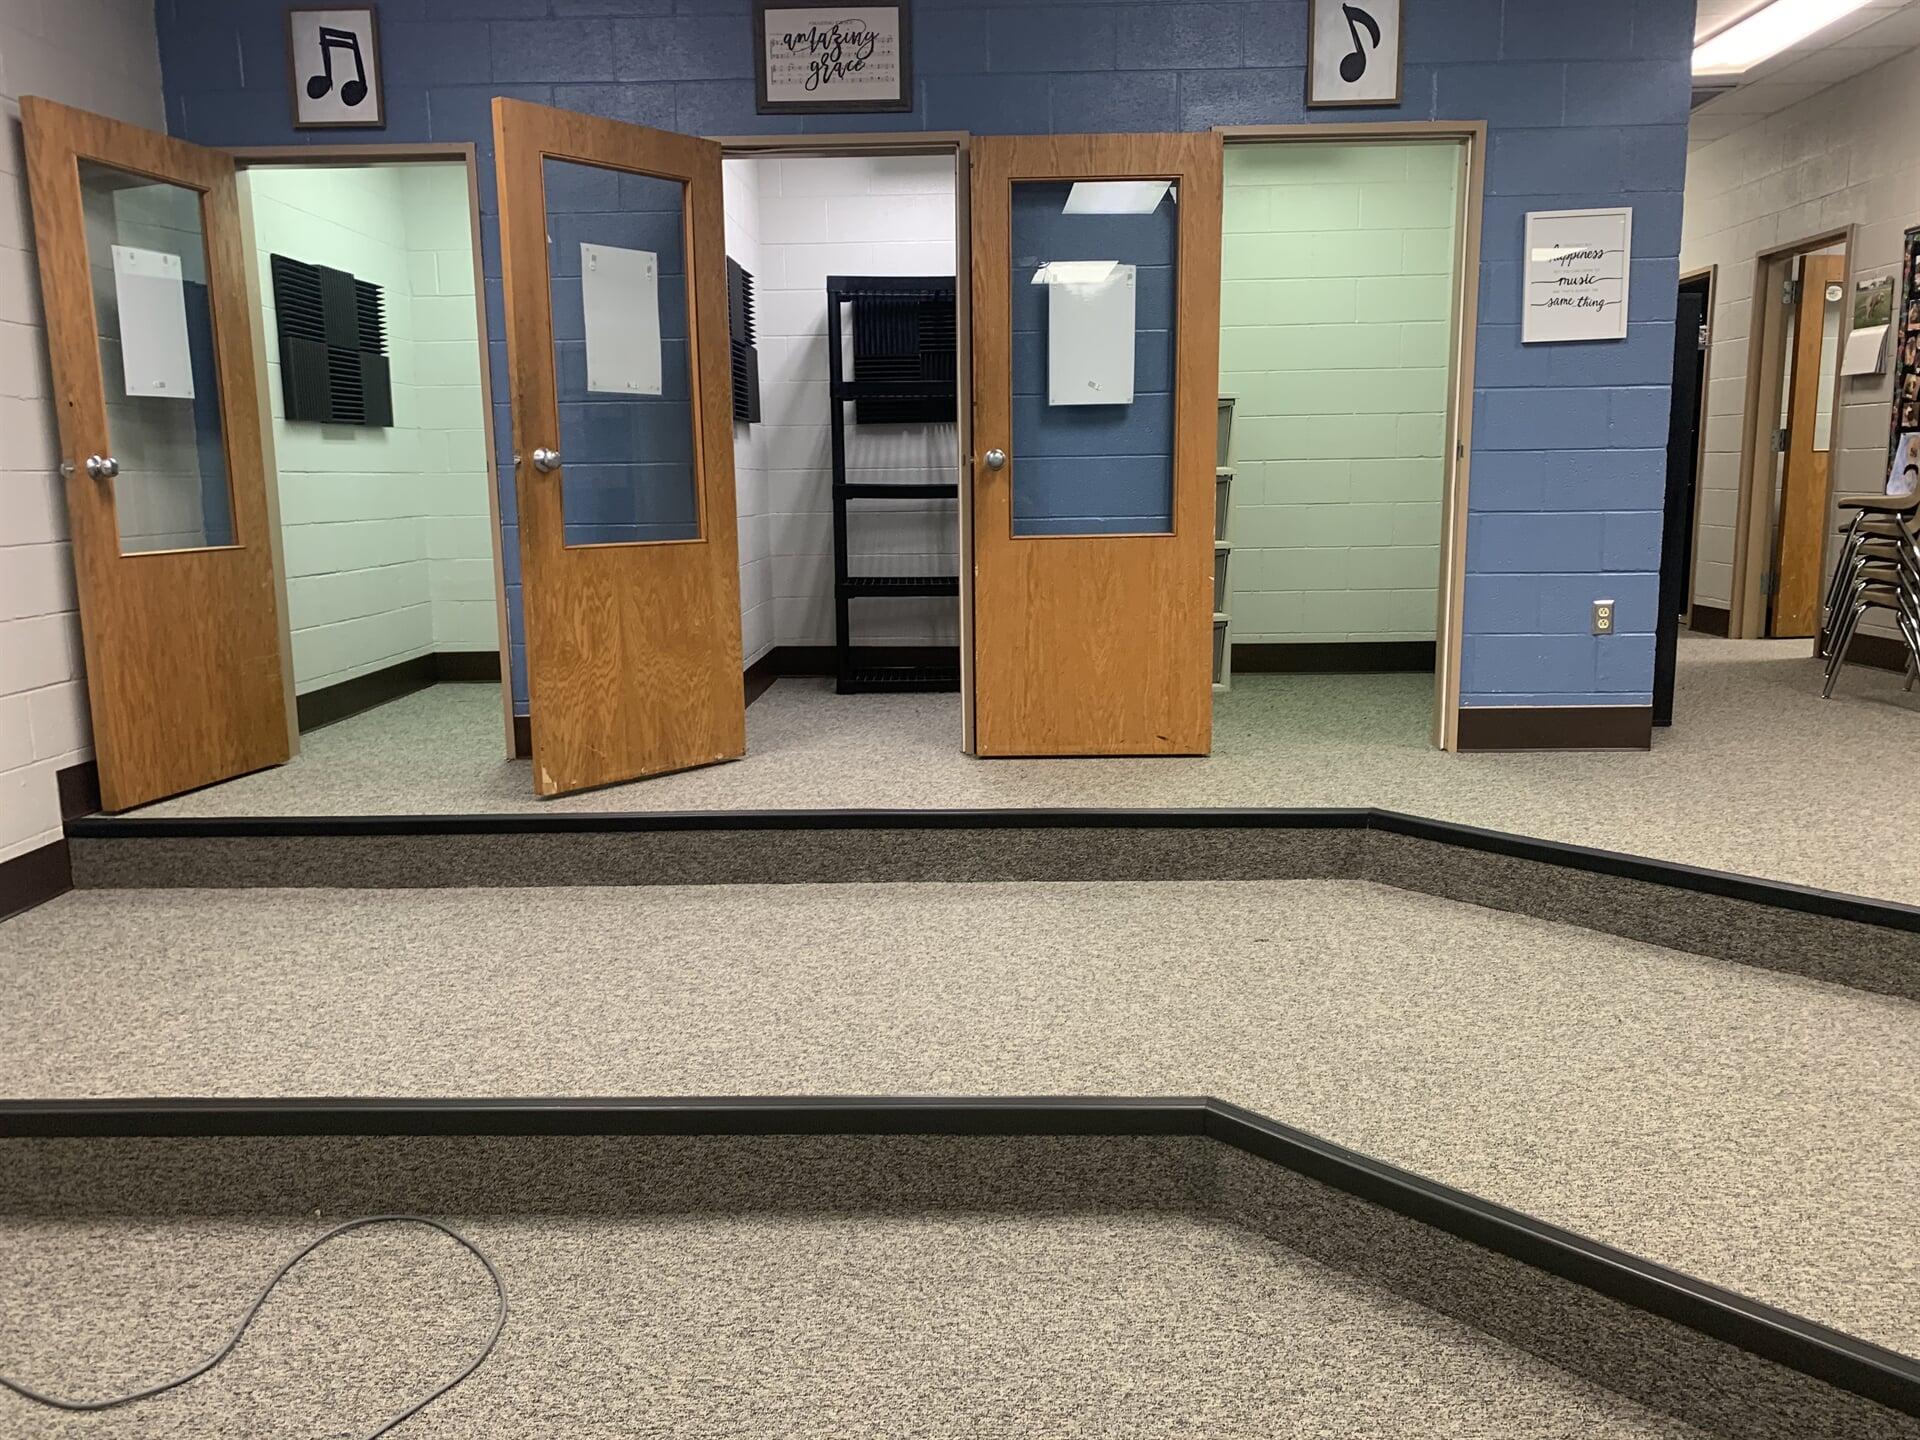 School flooring installation in Mt. Juliet, TN from Absolute Flooring Inc